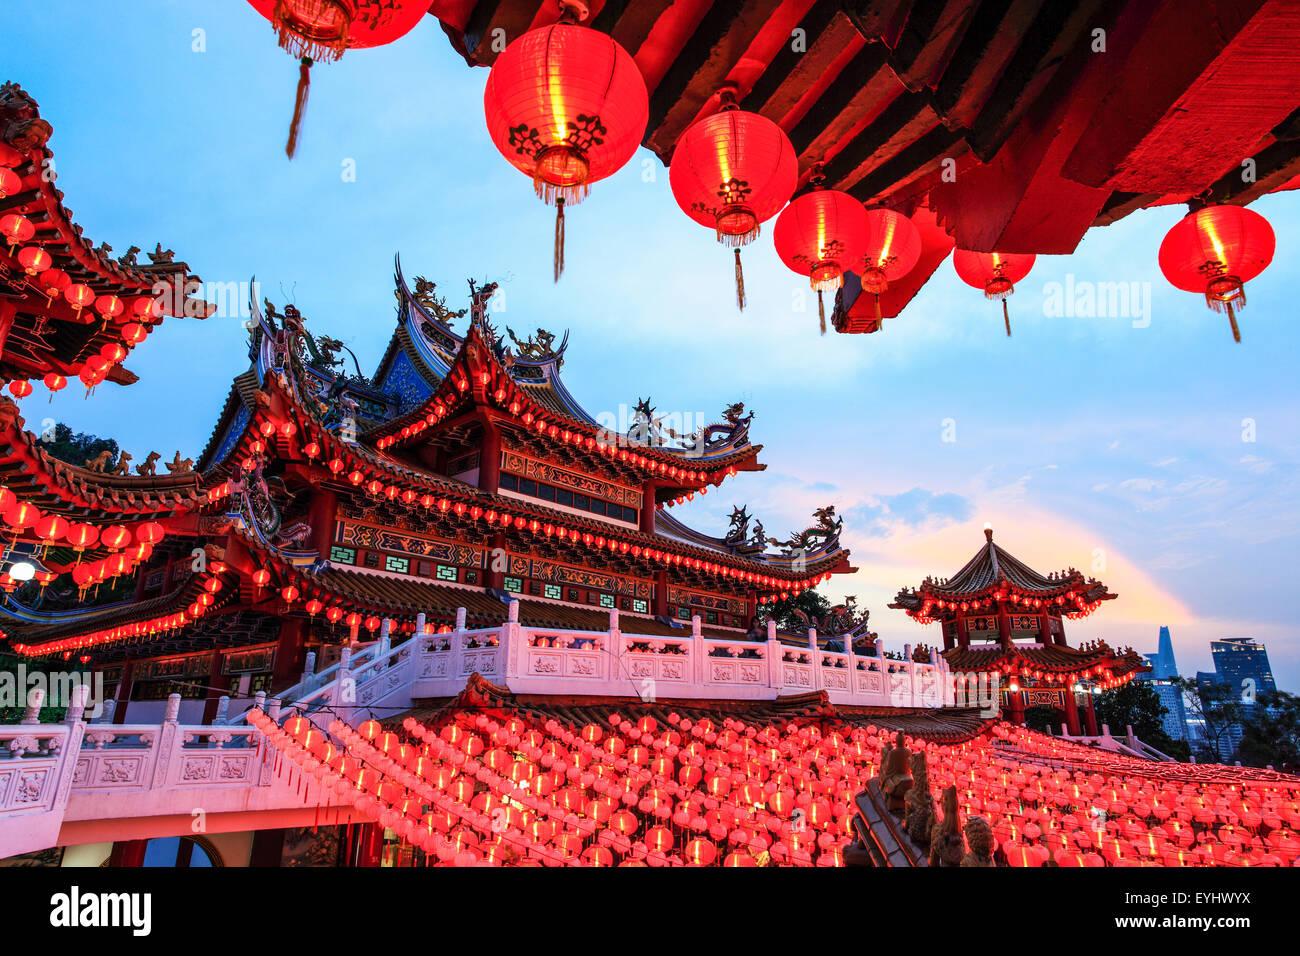 El templo de Thean Hou linternas todos encendidos durante el Año Nuevo Chino. Foto de stock